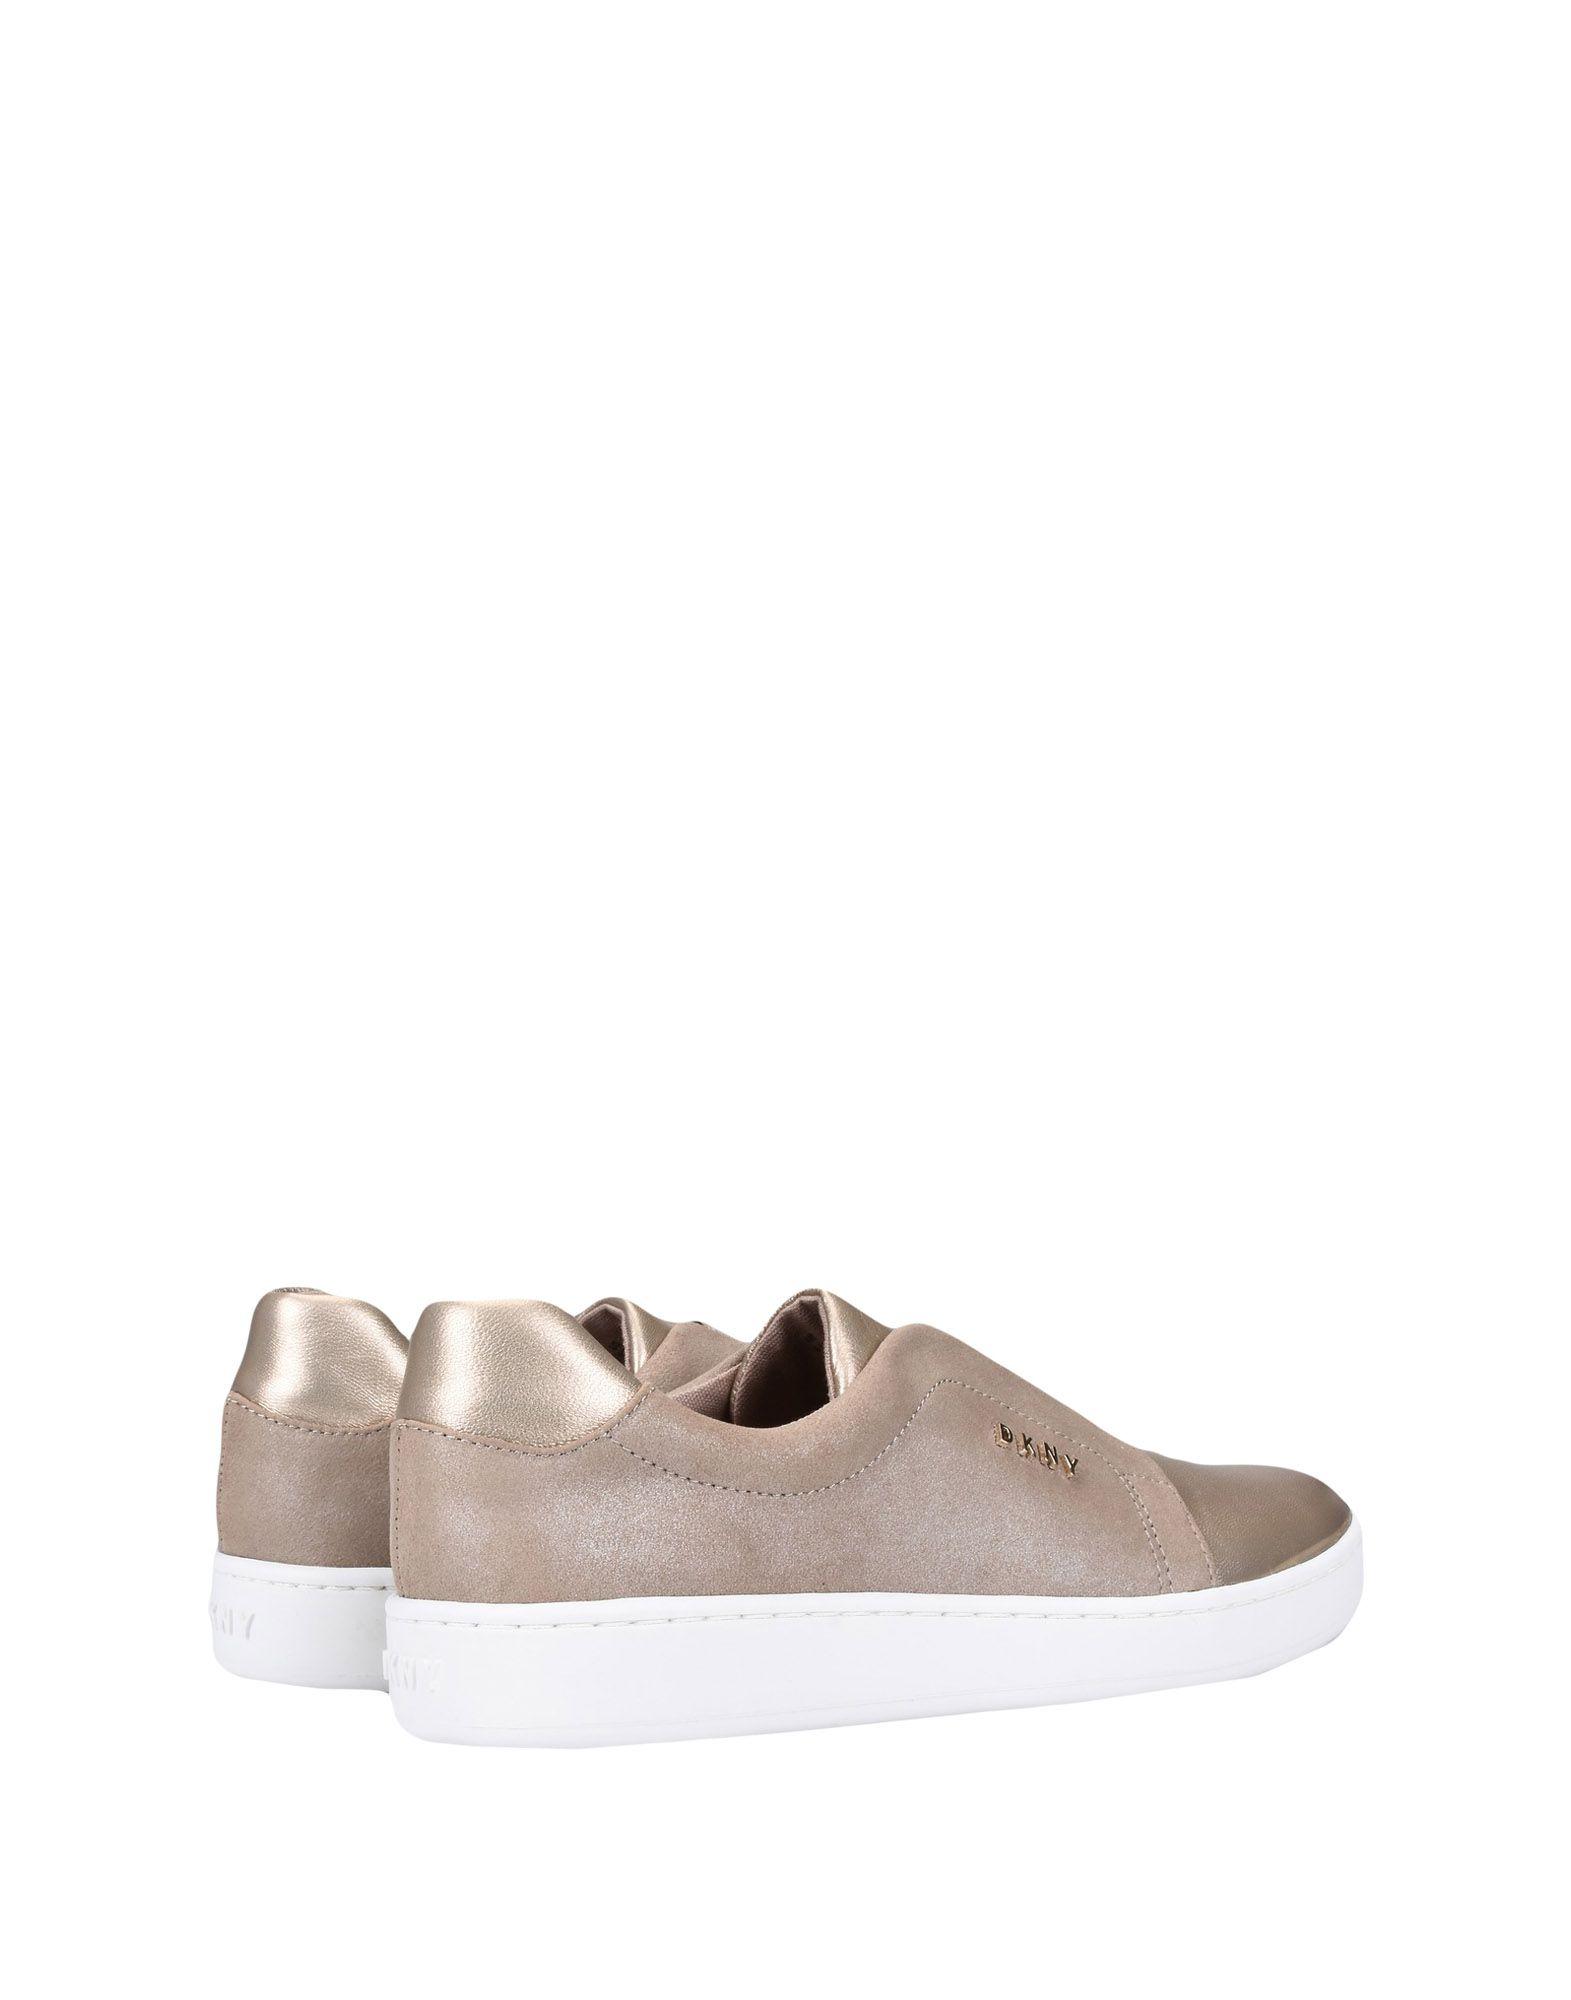 Dkny Sneakers - Women Dkny Sneakers Sneakers Sneakers online on  United Kingdom - 11489670VT 396af3